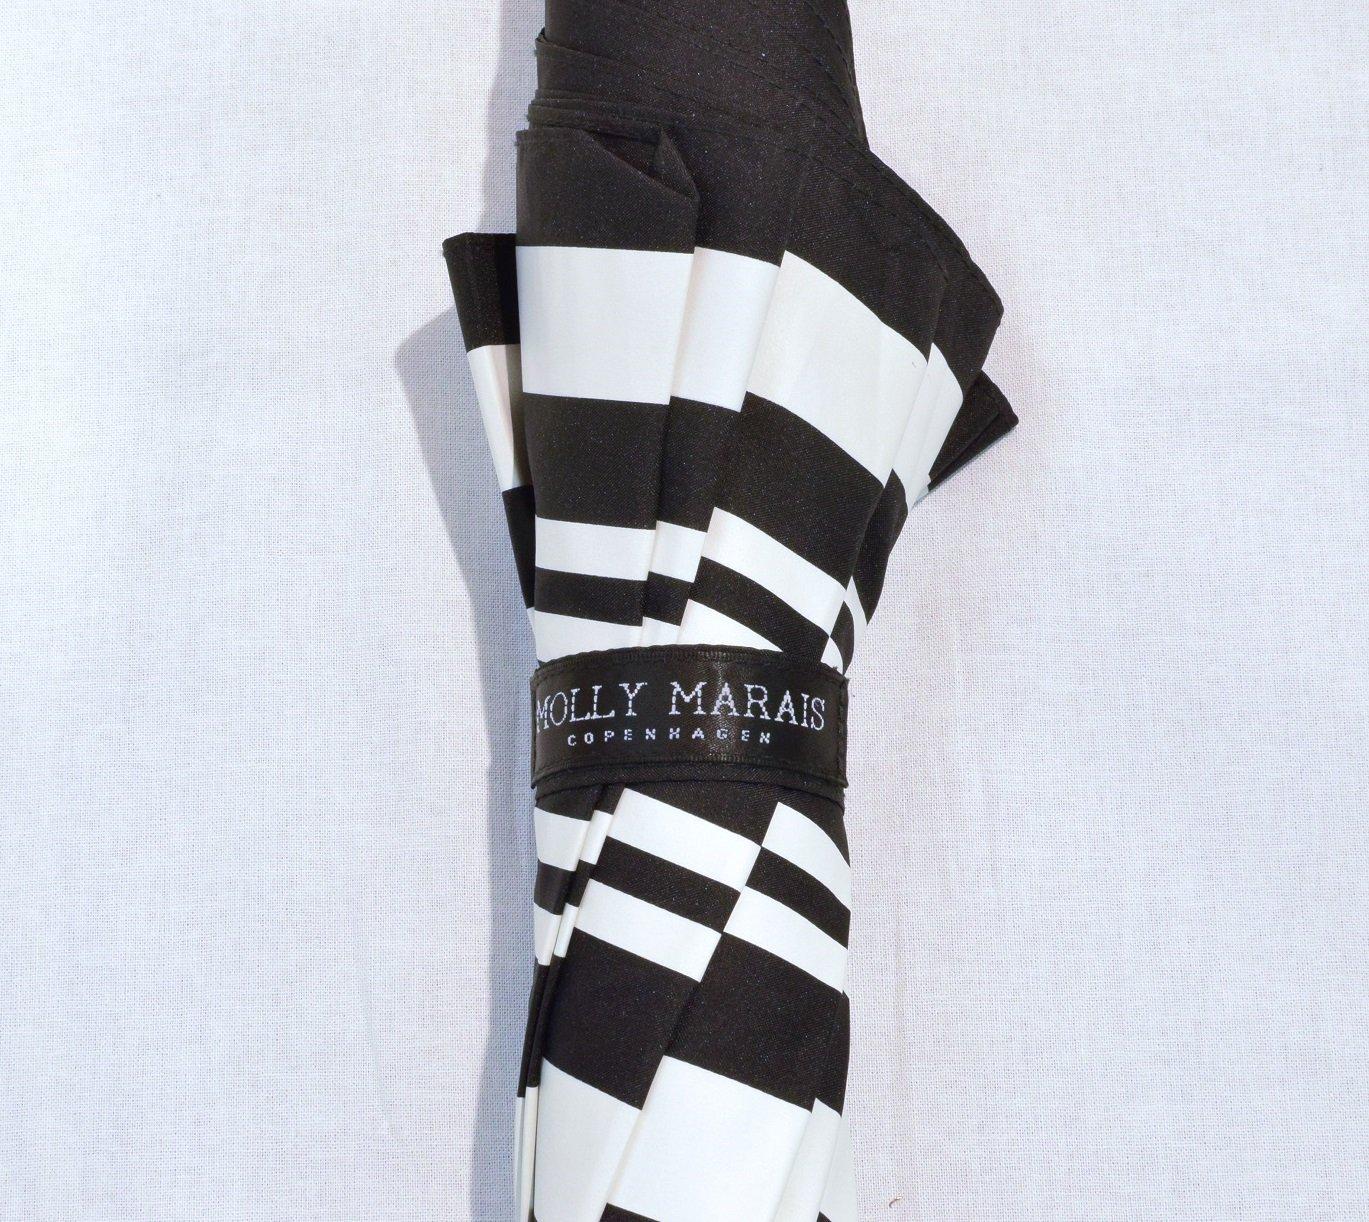 Schwarz Creme Streifen Molly Marais DK Pagodenschirm Schirm Black Cream Stripes